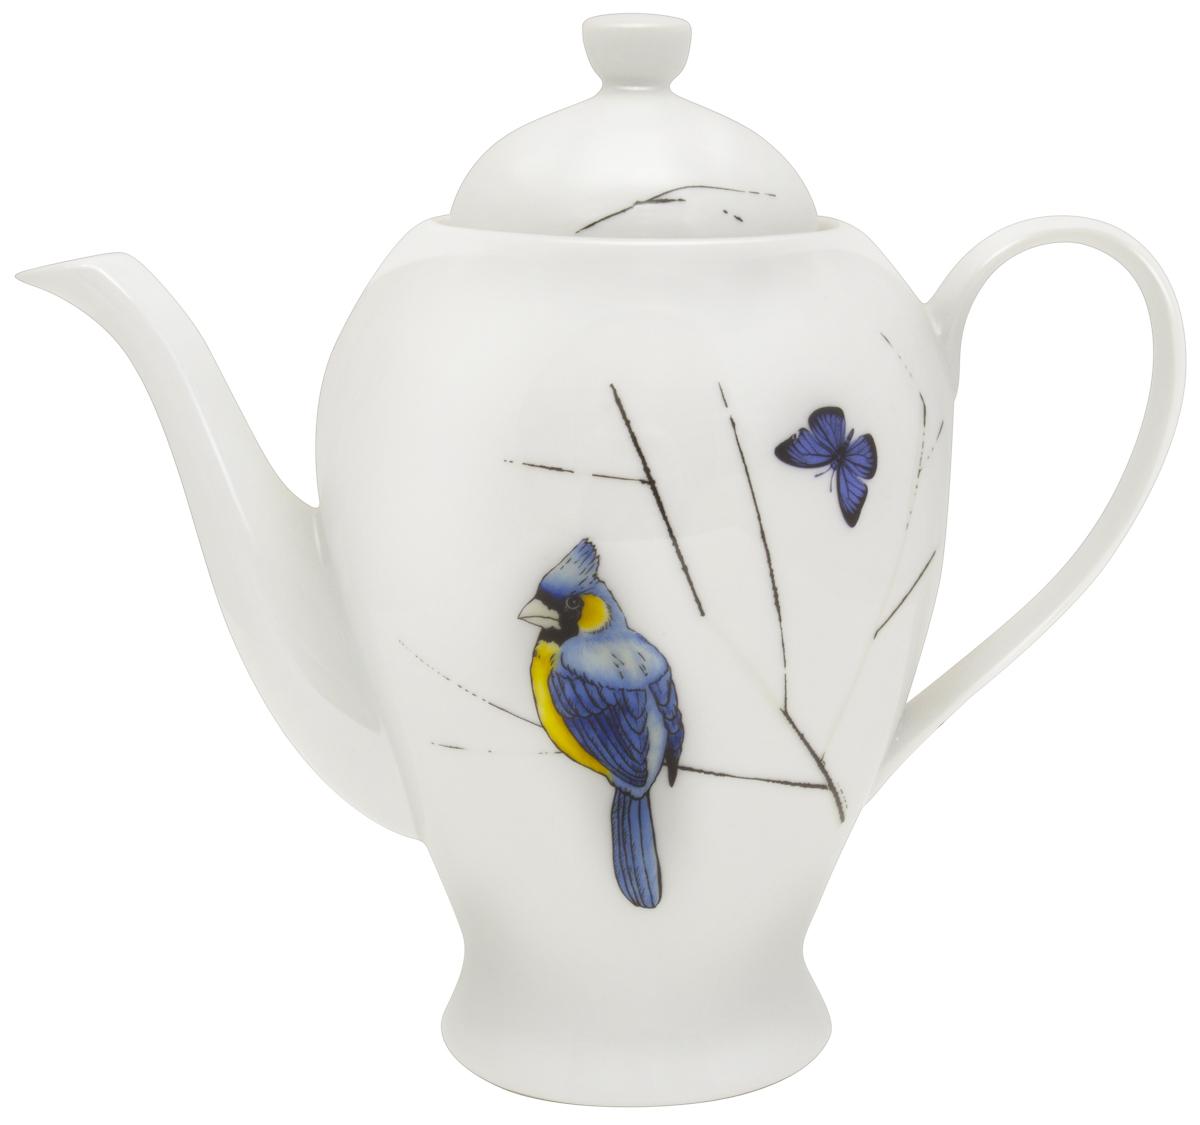 Заварочный чайник Esprado Primavera, 1290 мл. PRML12YE306115510Заварочный чайник, 1290 мл, твердый фарфор, Primavera, Esprado, PRML12YE306